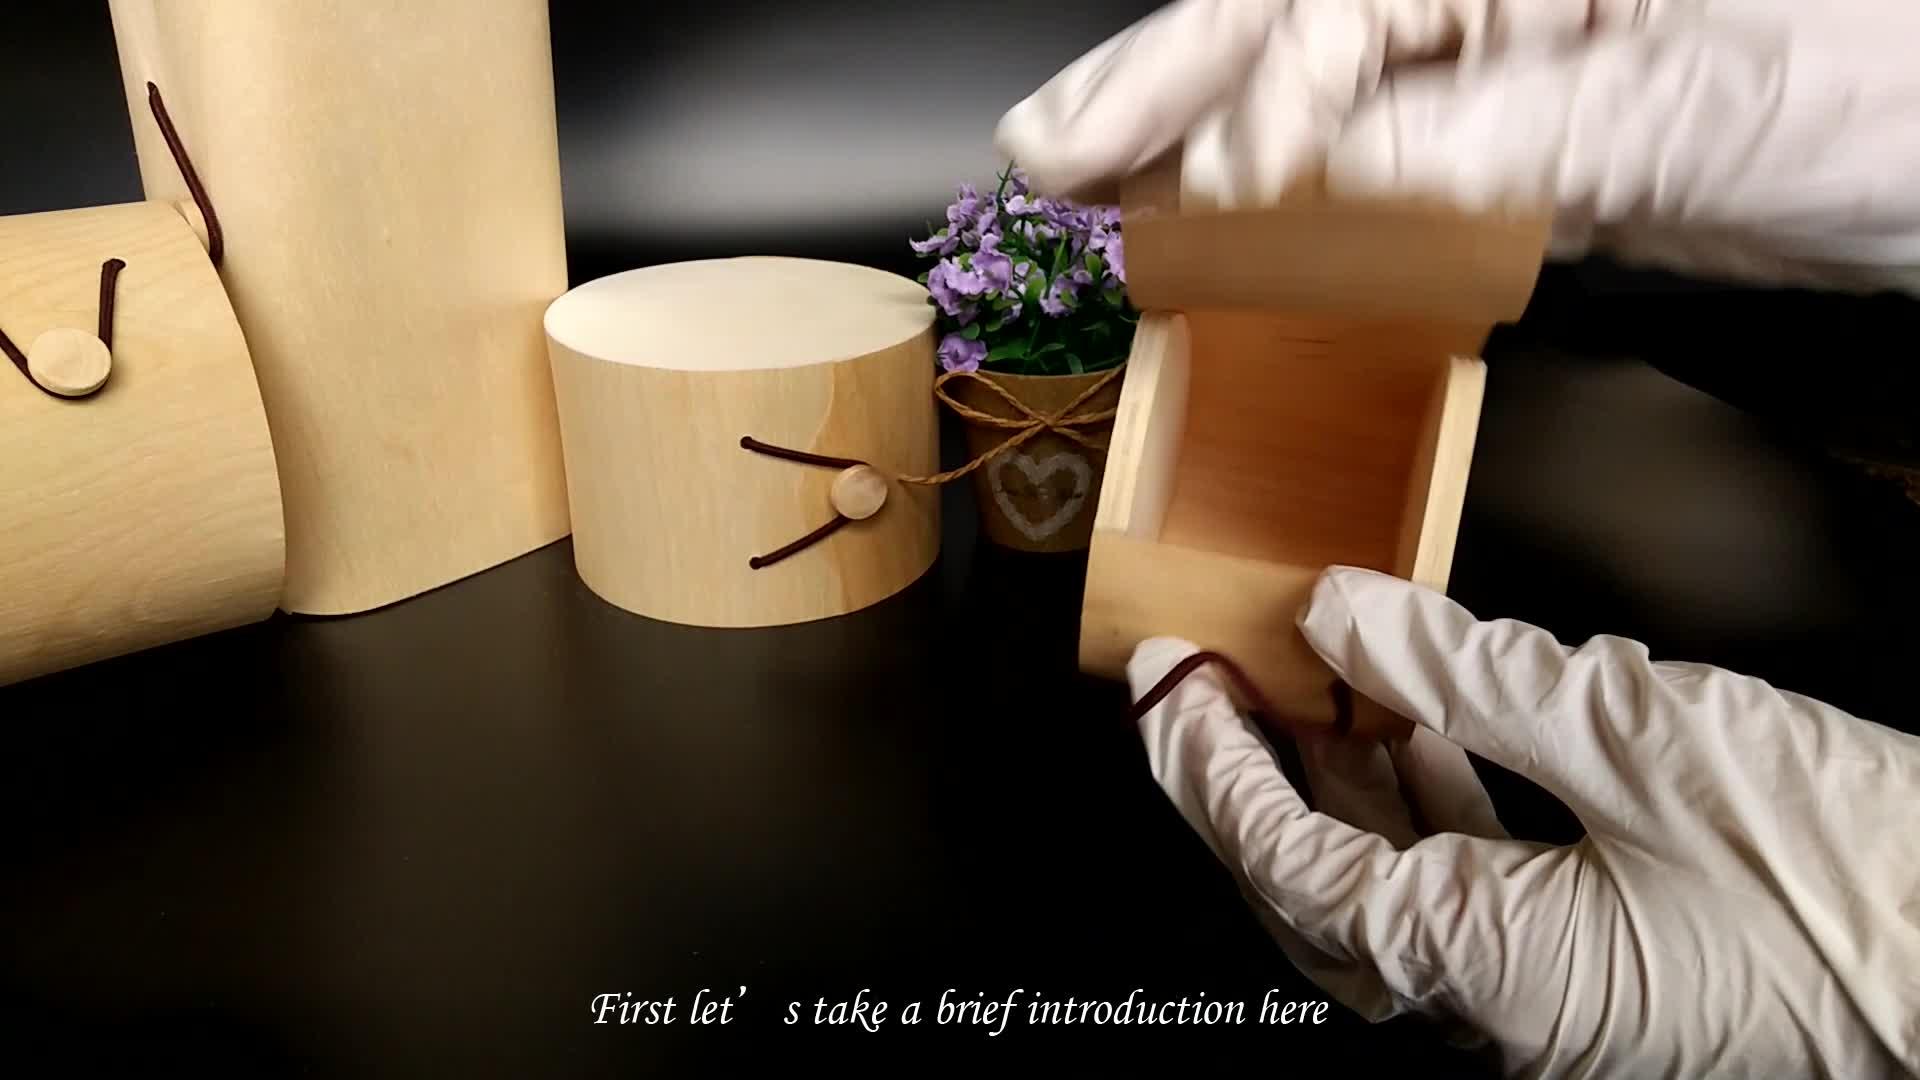 Weihnachten verpackung billiger kleine runde holz boxen unfinished holz box käse lagerung rustikalen birke weiche furnier geschenk box